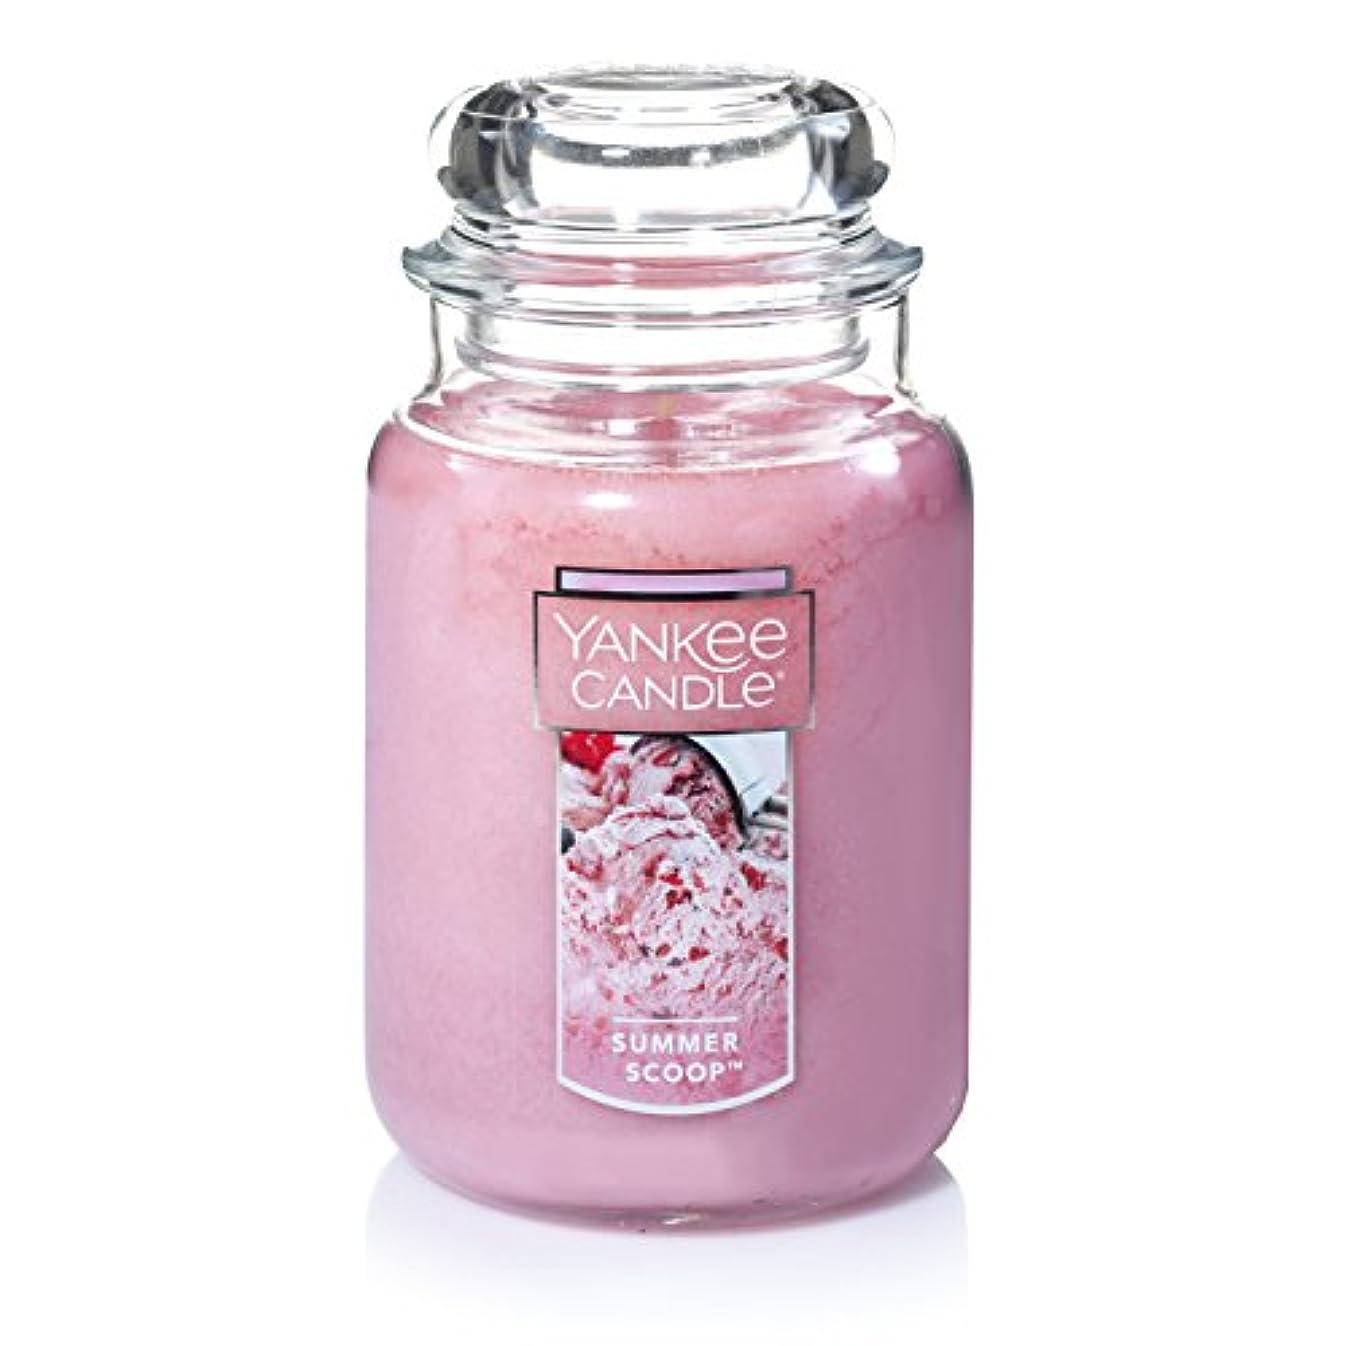 ポップレタッチ塗抹Yankee Candle夏スクープ、フルーツ香り Large Jar Candle 1257046